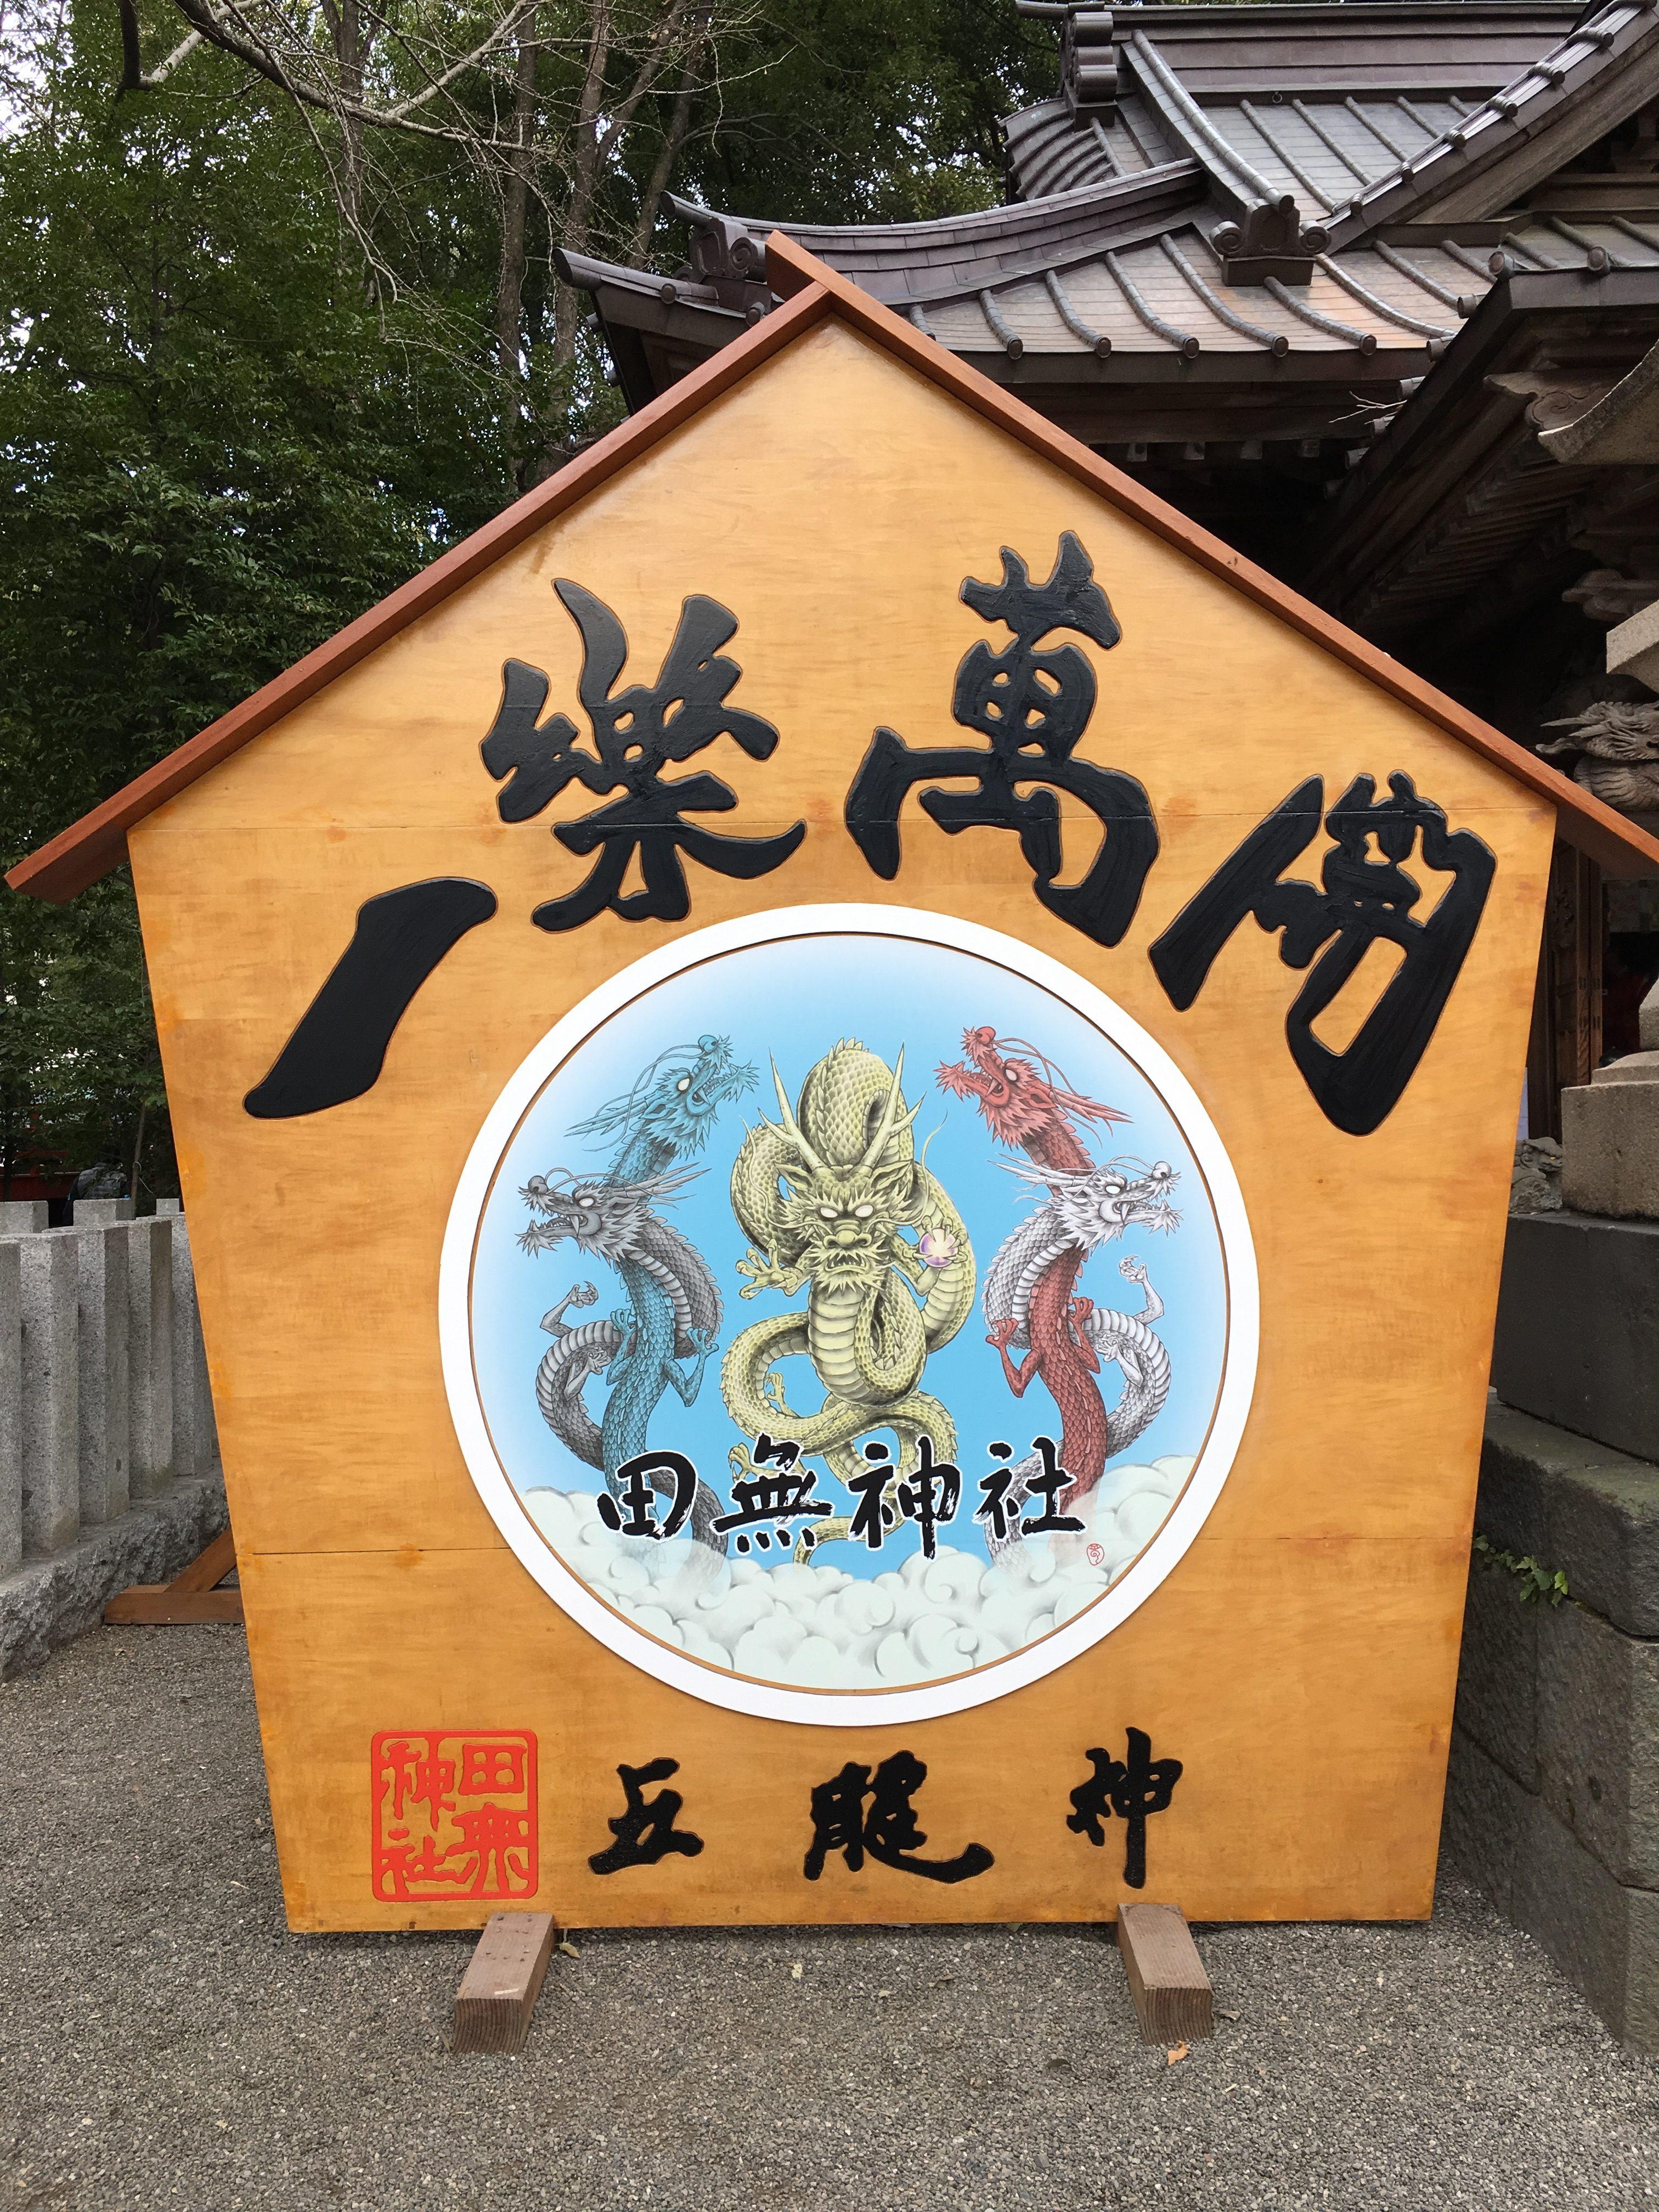 五龍神が祀られている田無神社。2017年最大のパワースポットで御朱印&おみくじを